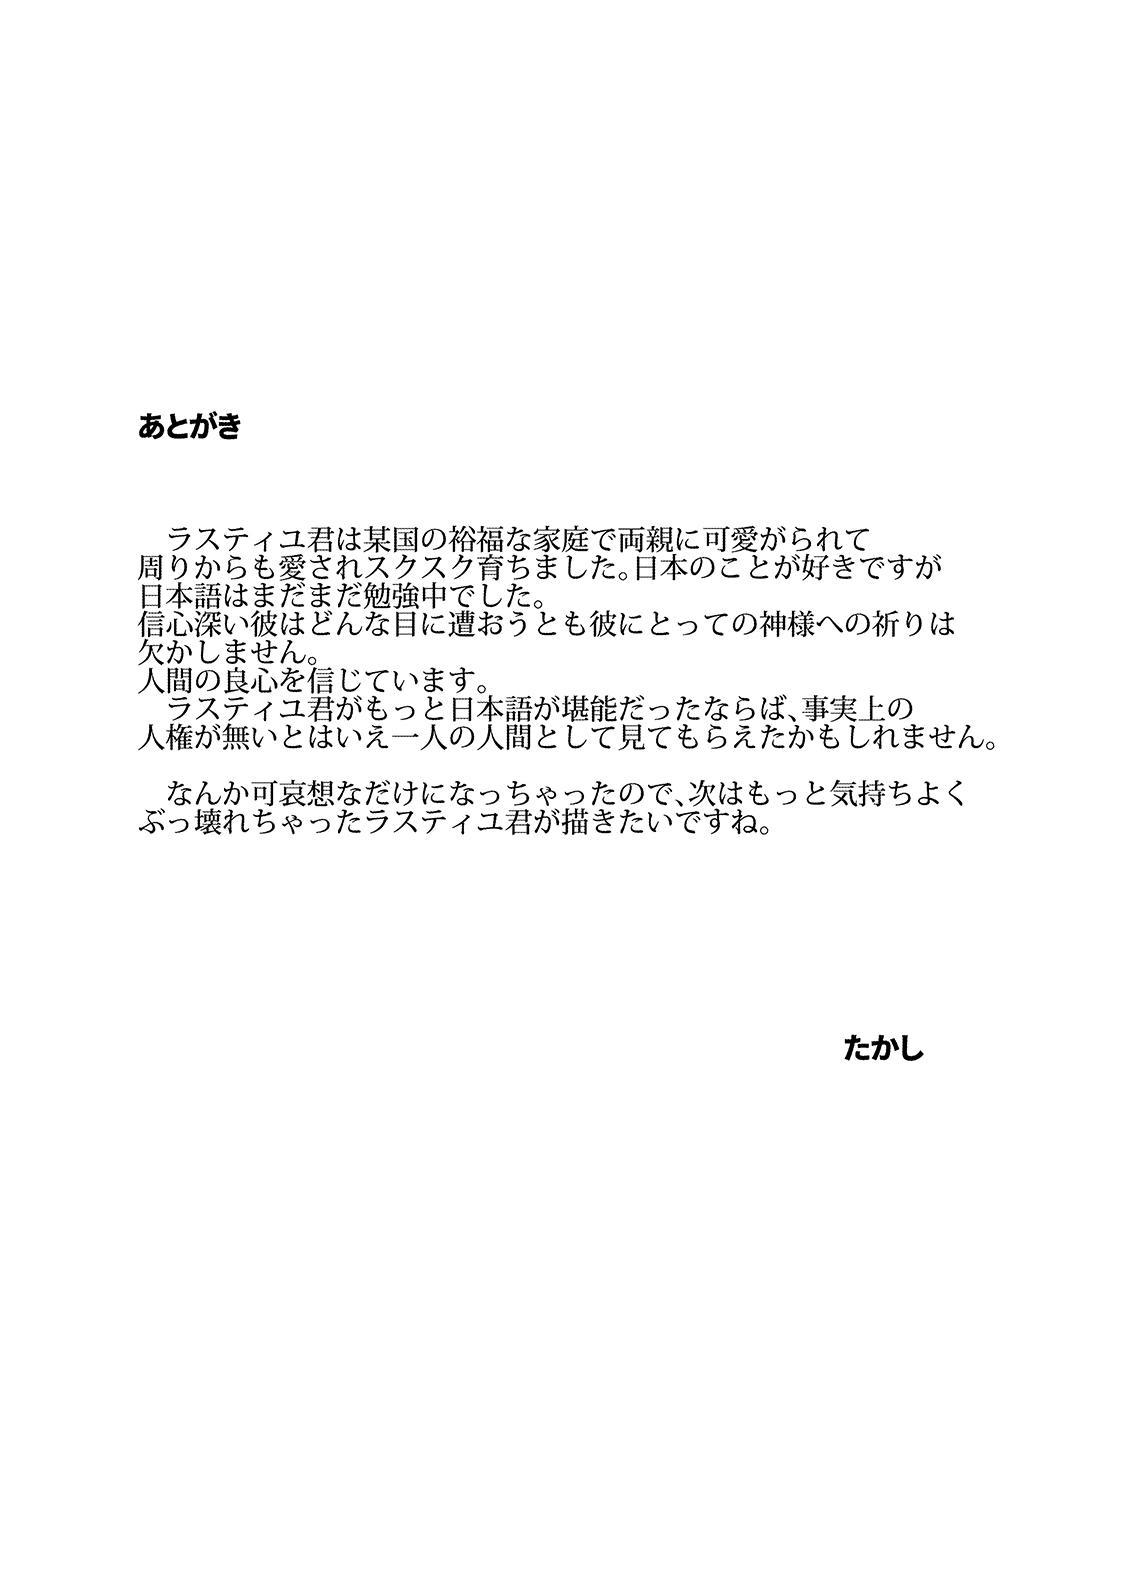 Tenraku Ryuugakusei ♂ wa Danshi Seito no Omocha 19